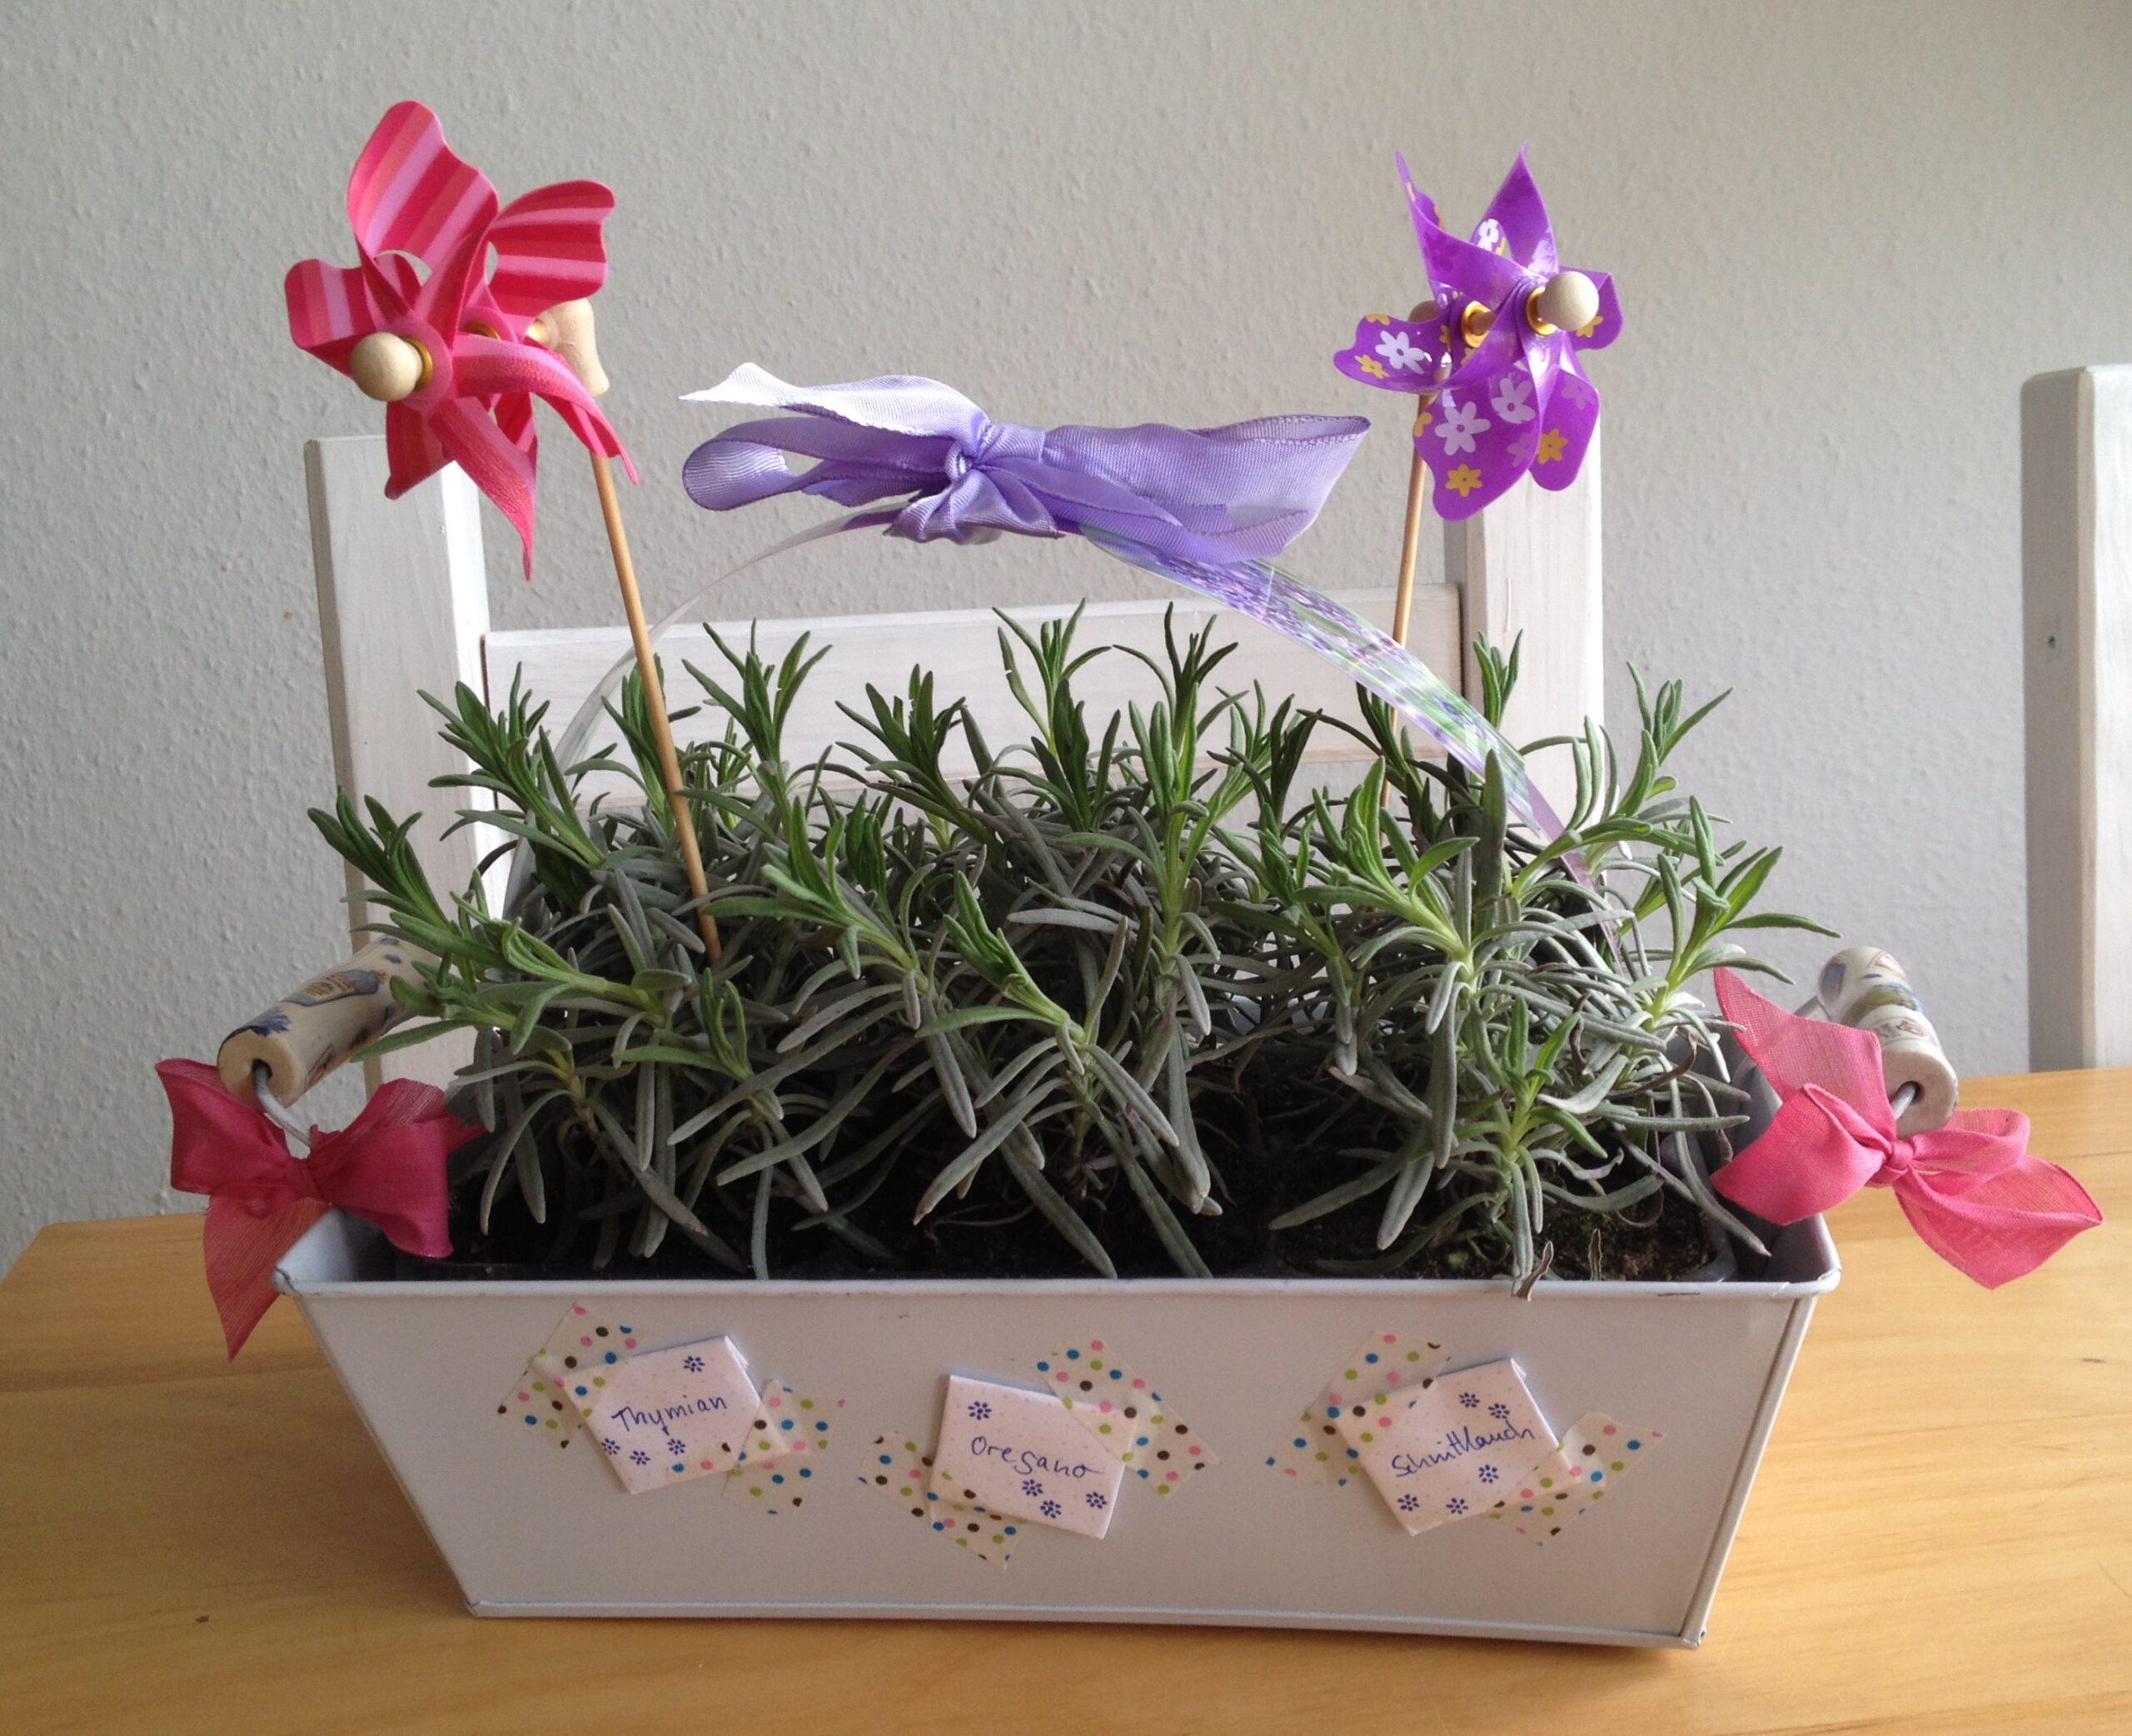 Einweihungsgeschenk für den Garten